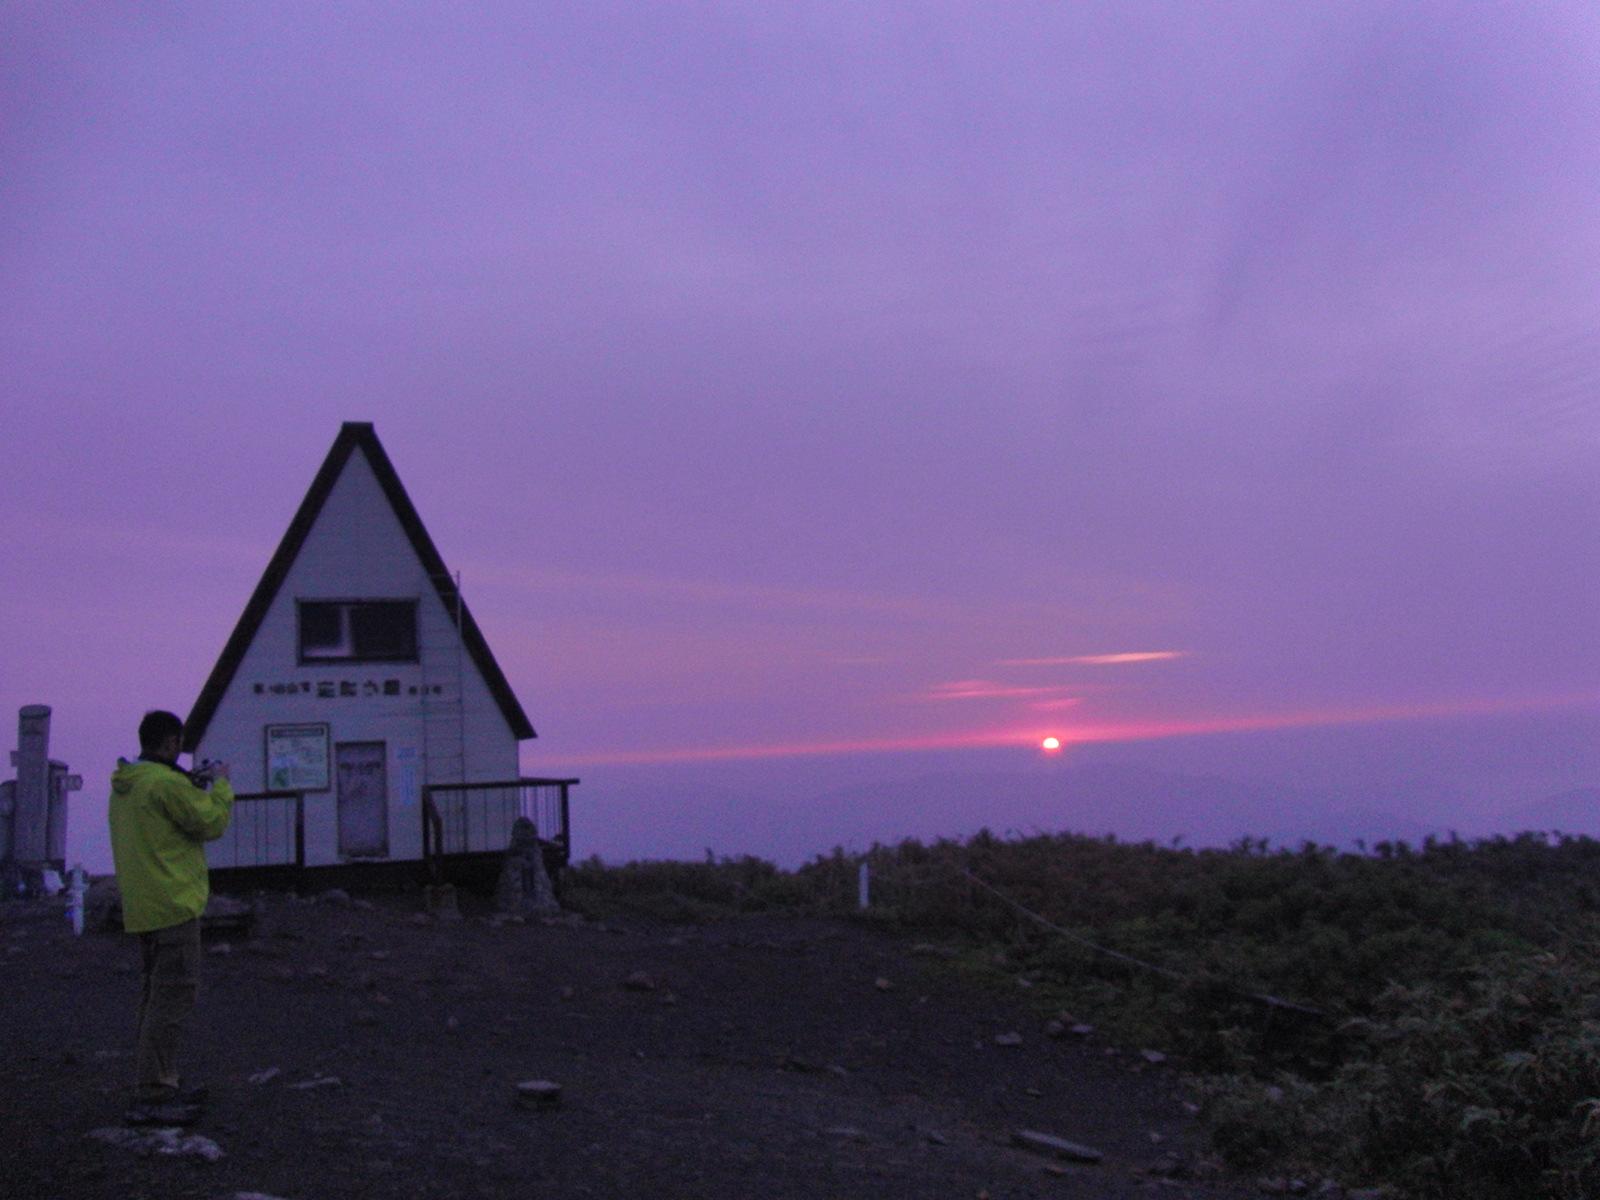 氷ノ山、ご来光登山! (6月24日)_f0101226_1434481.jpg